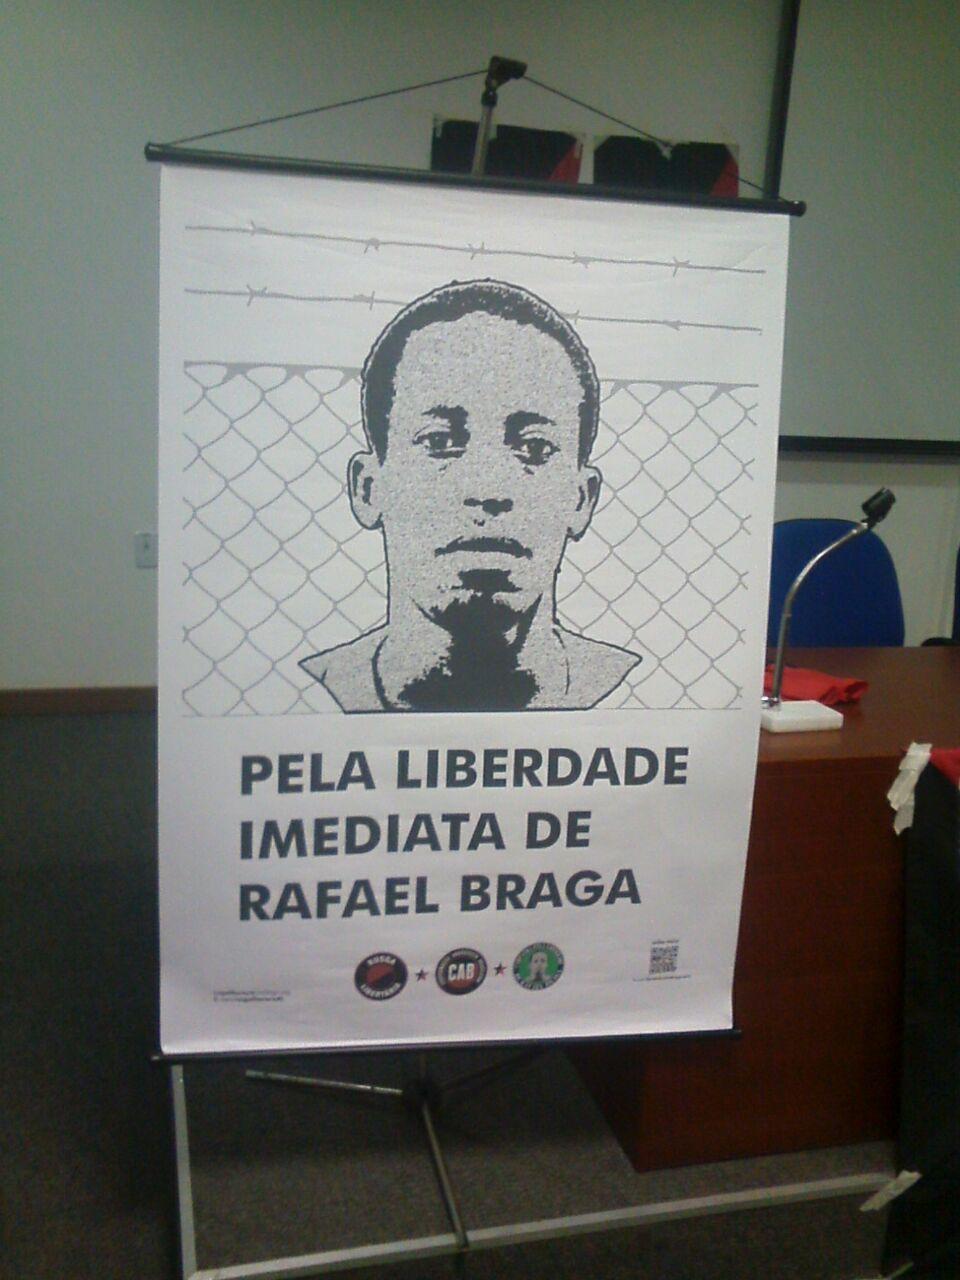 Liberdade Imediata de Rafael Braga